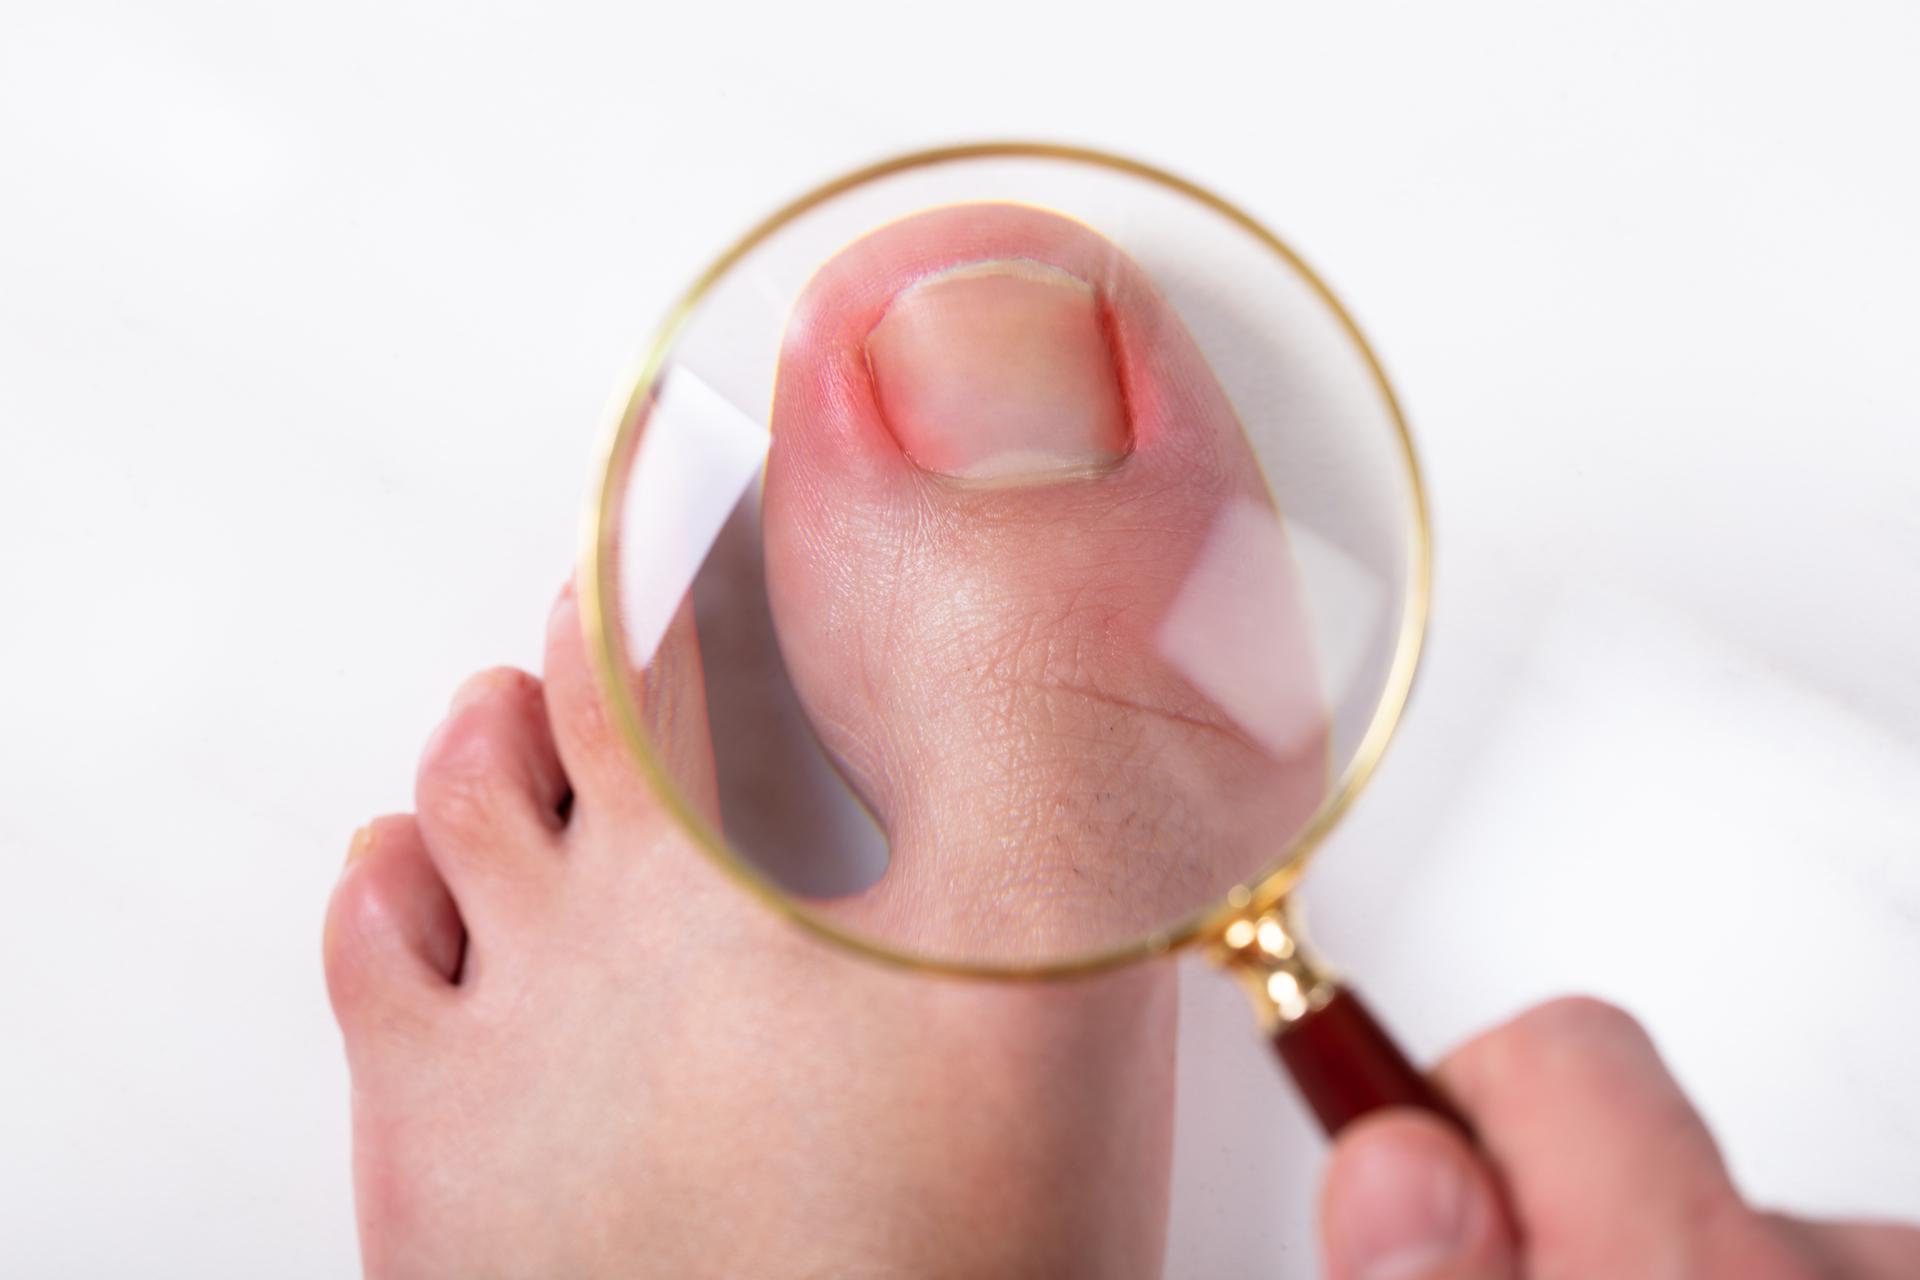 Entfernen lassen zehennagel Zehennagel dauerhaft